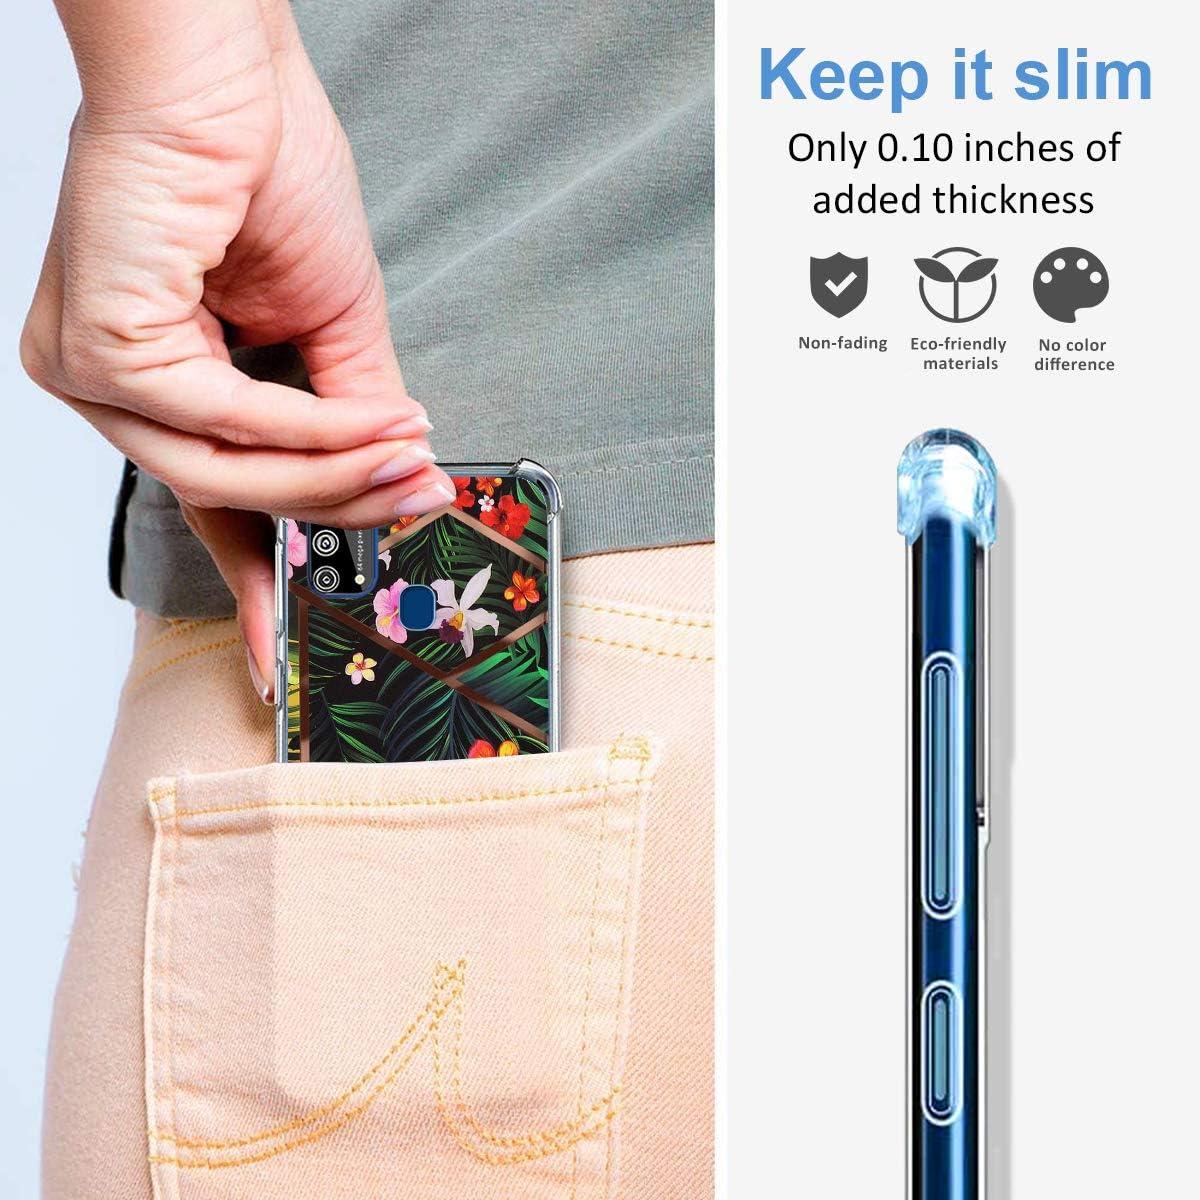 biteri H/ülle f/ür Samsung Galaxy M31 Handyh/ülle Kompatibel mit Samsung M31 H/ülle Transparent Anti-Gelb D/ünn Silikon Tasche Durchsichtige Schutzh/ülle M31 Case Crystal Clear